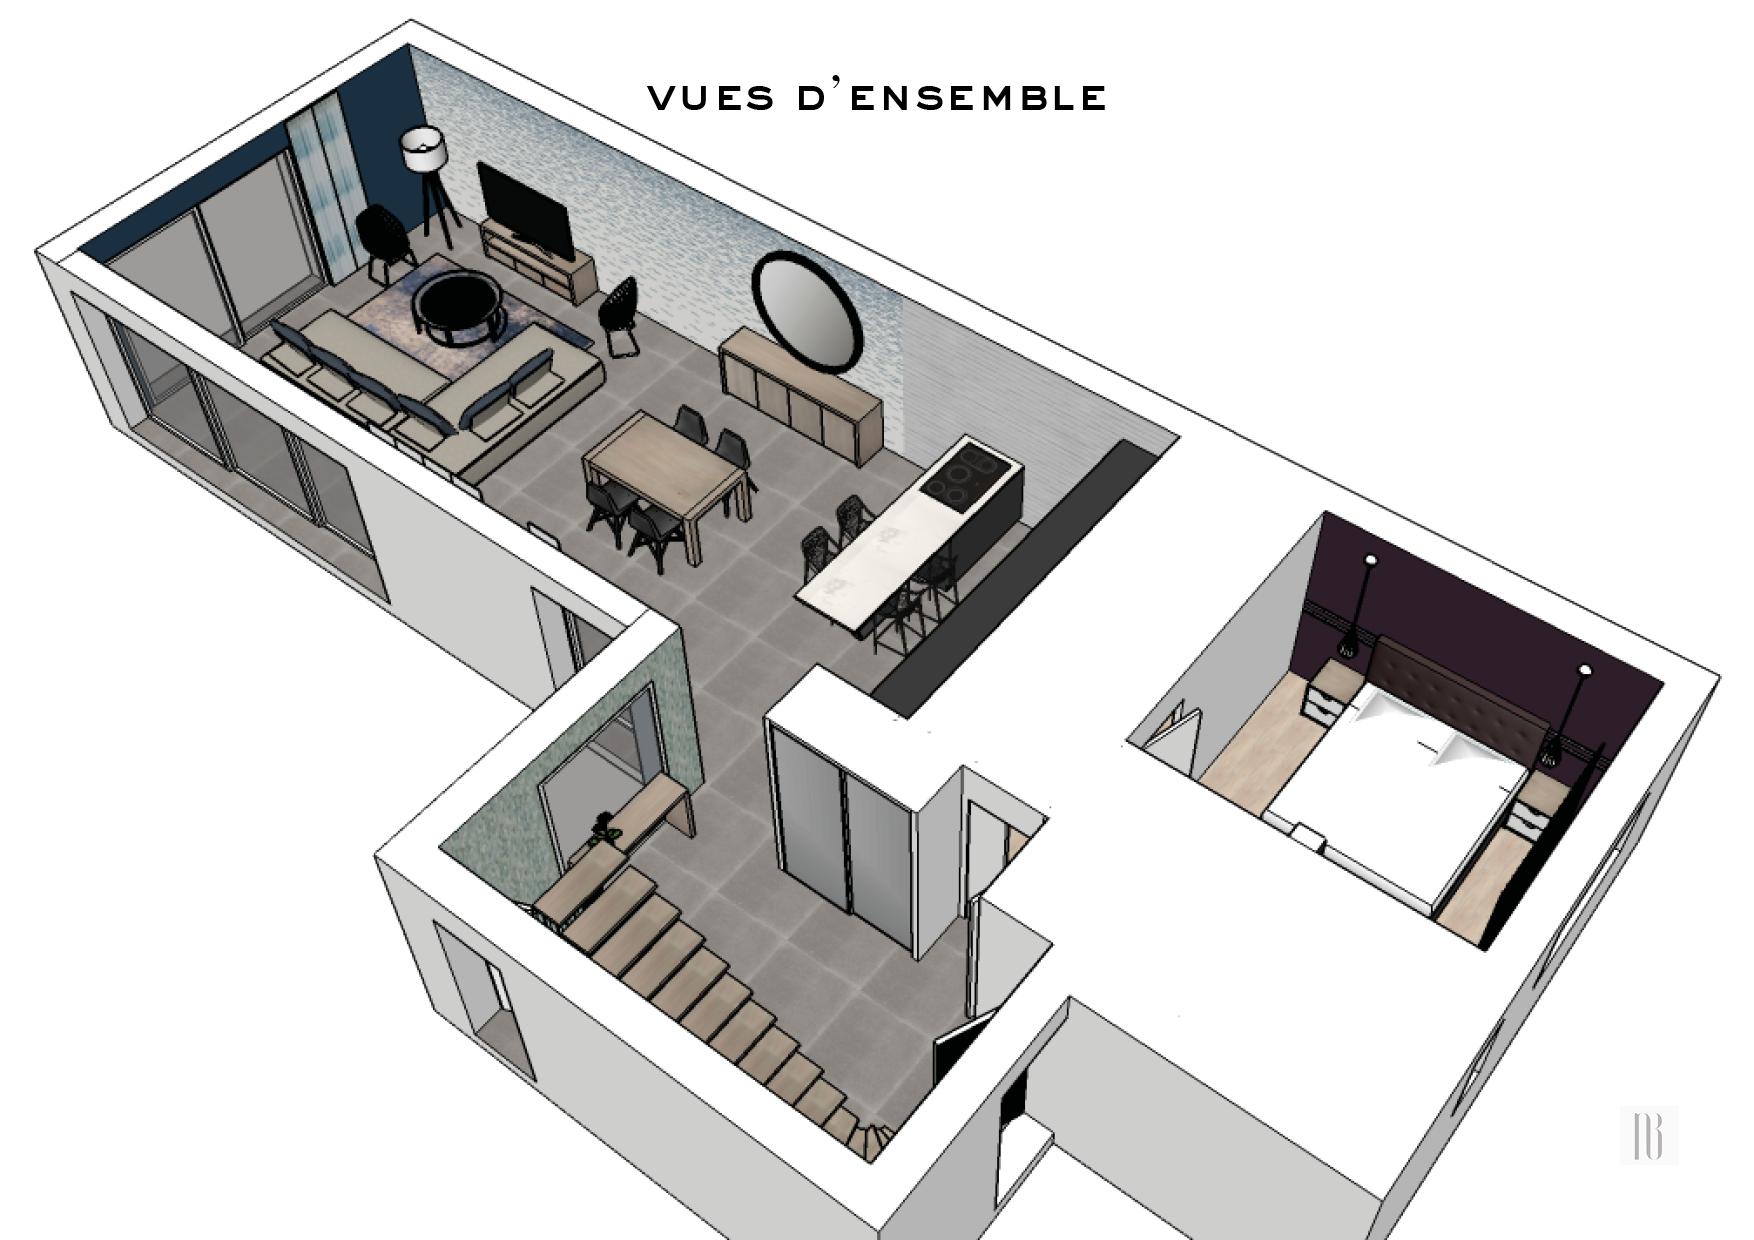 Conception déco du rez-de-chaussée d'une maison en construction - Bedée (35)